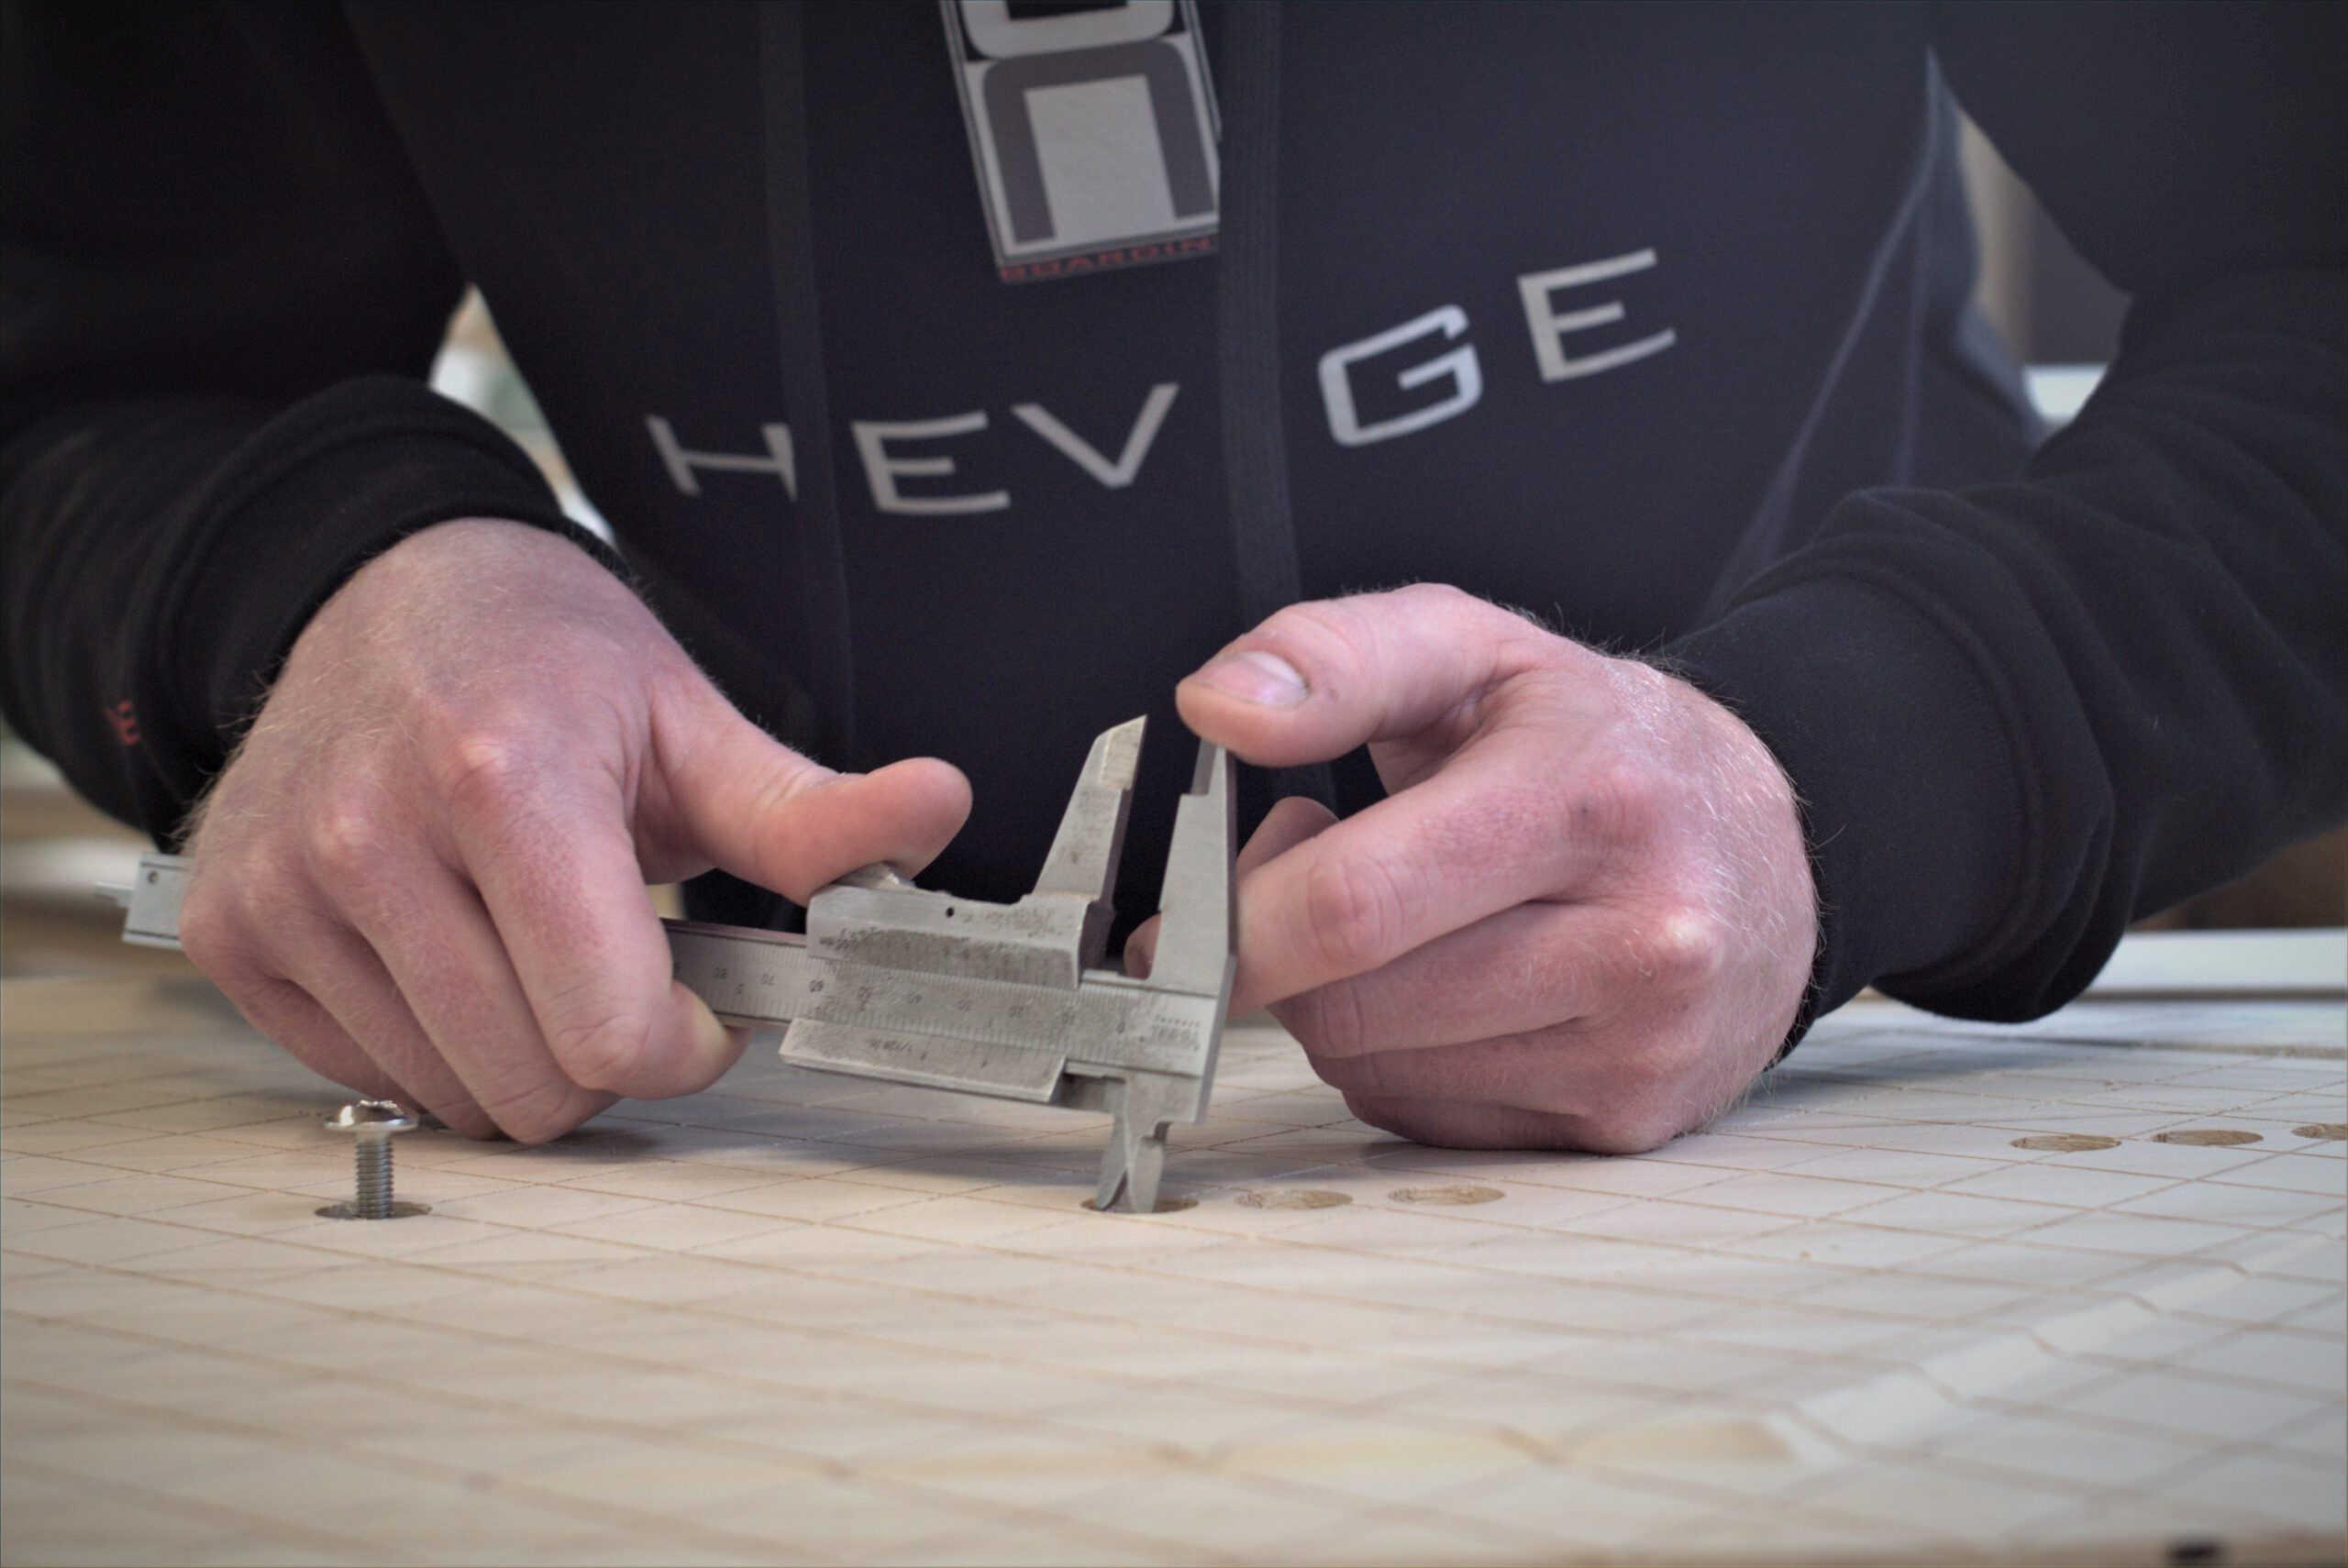 Hevige production 1